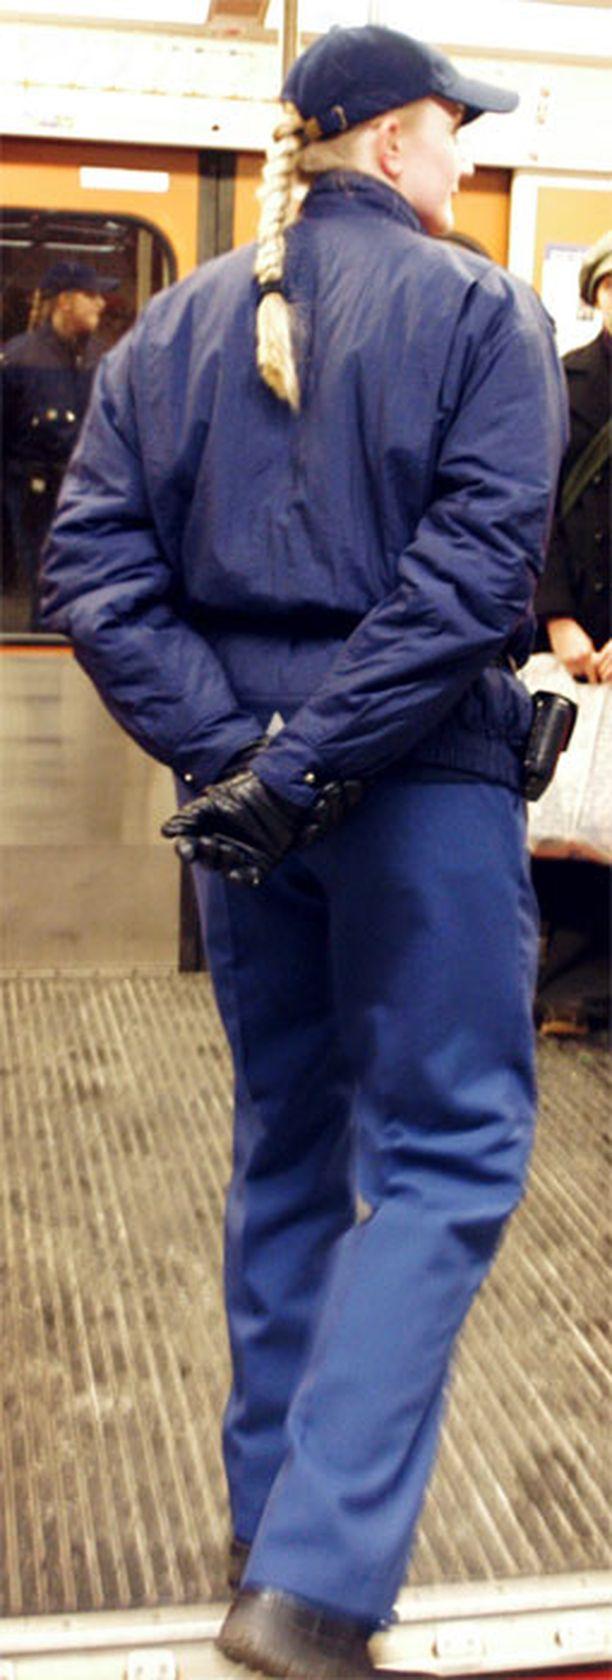 Kaksi lipuntarkastajaa joutui tiistaina Helsingissä väkivaltaisen riehujan uhriksi. Kuvan henkilöt eivät liity tapaukseen.